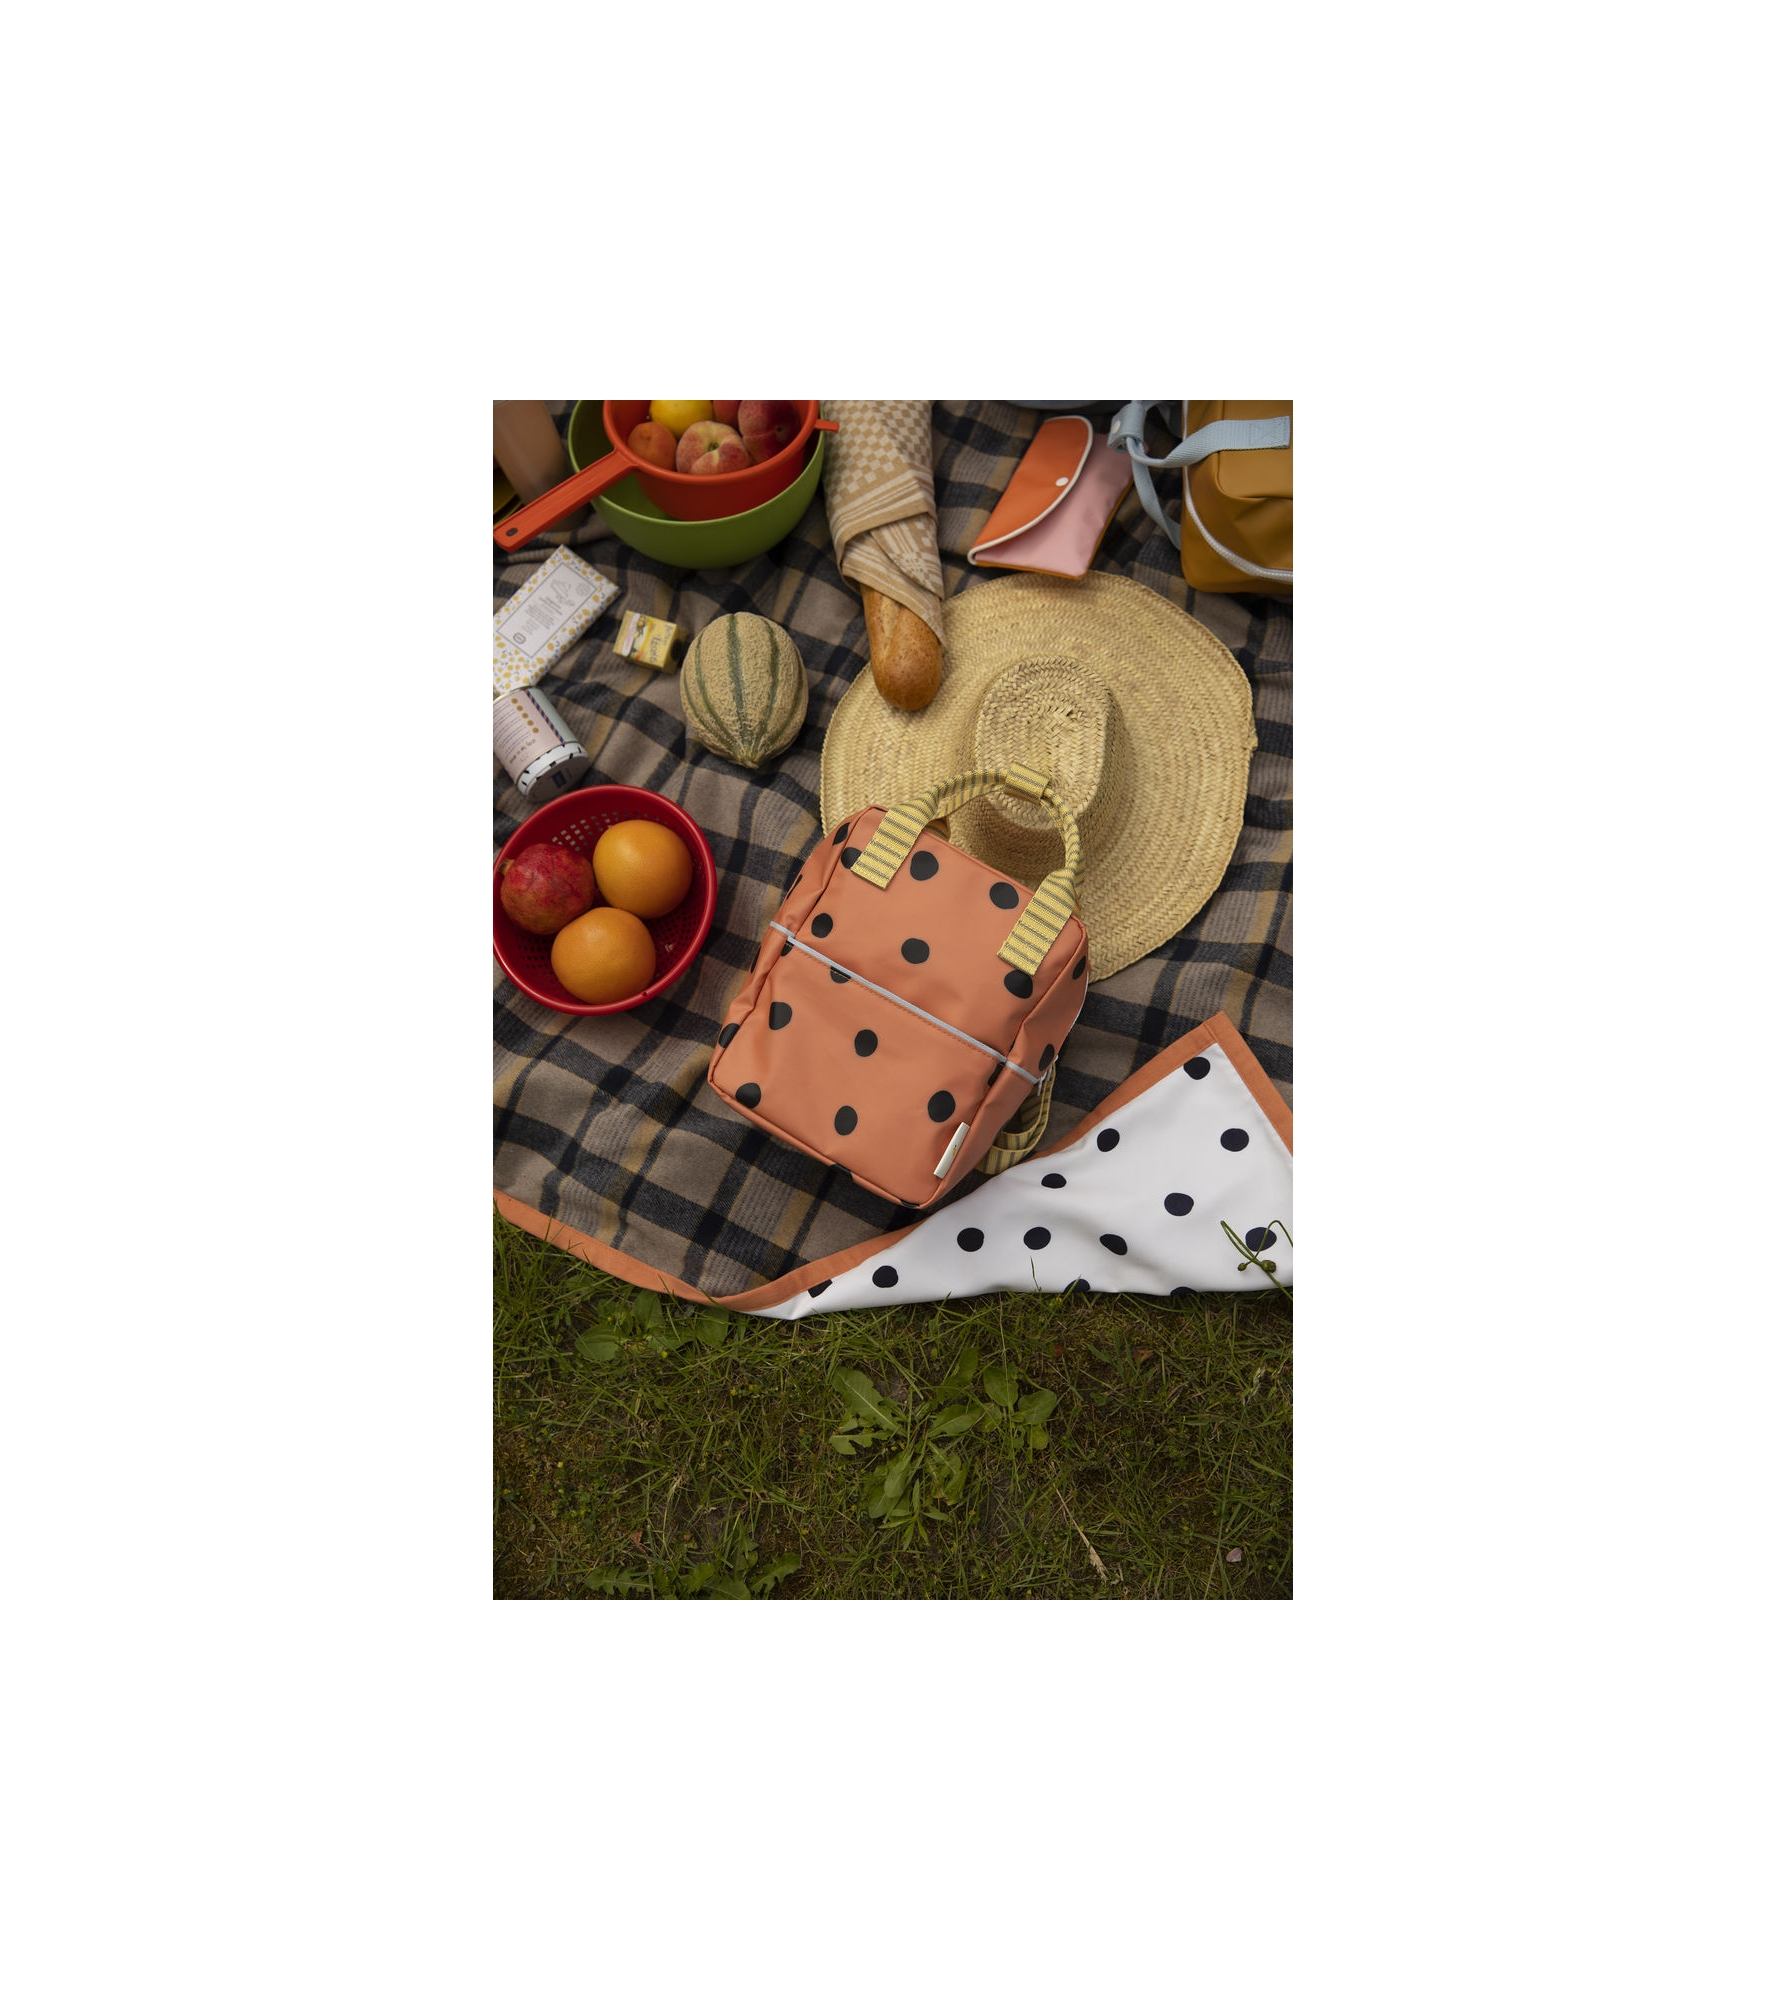 1801770 - Sticky Lemon - picnic blanket - wanderer - sandy beige checks - style shot 05.jpg